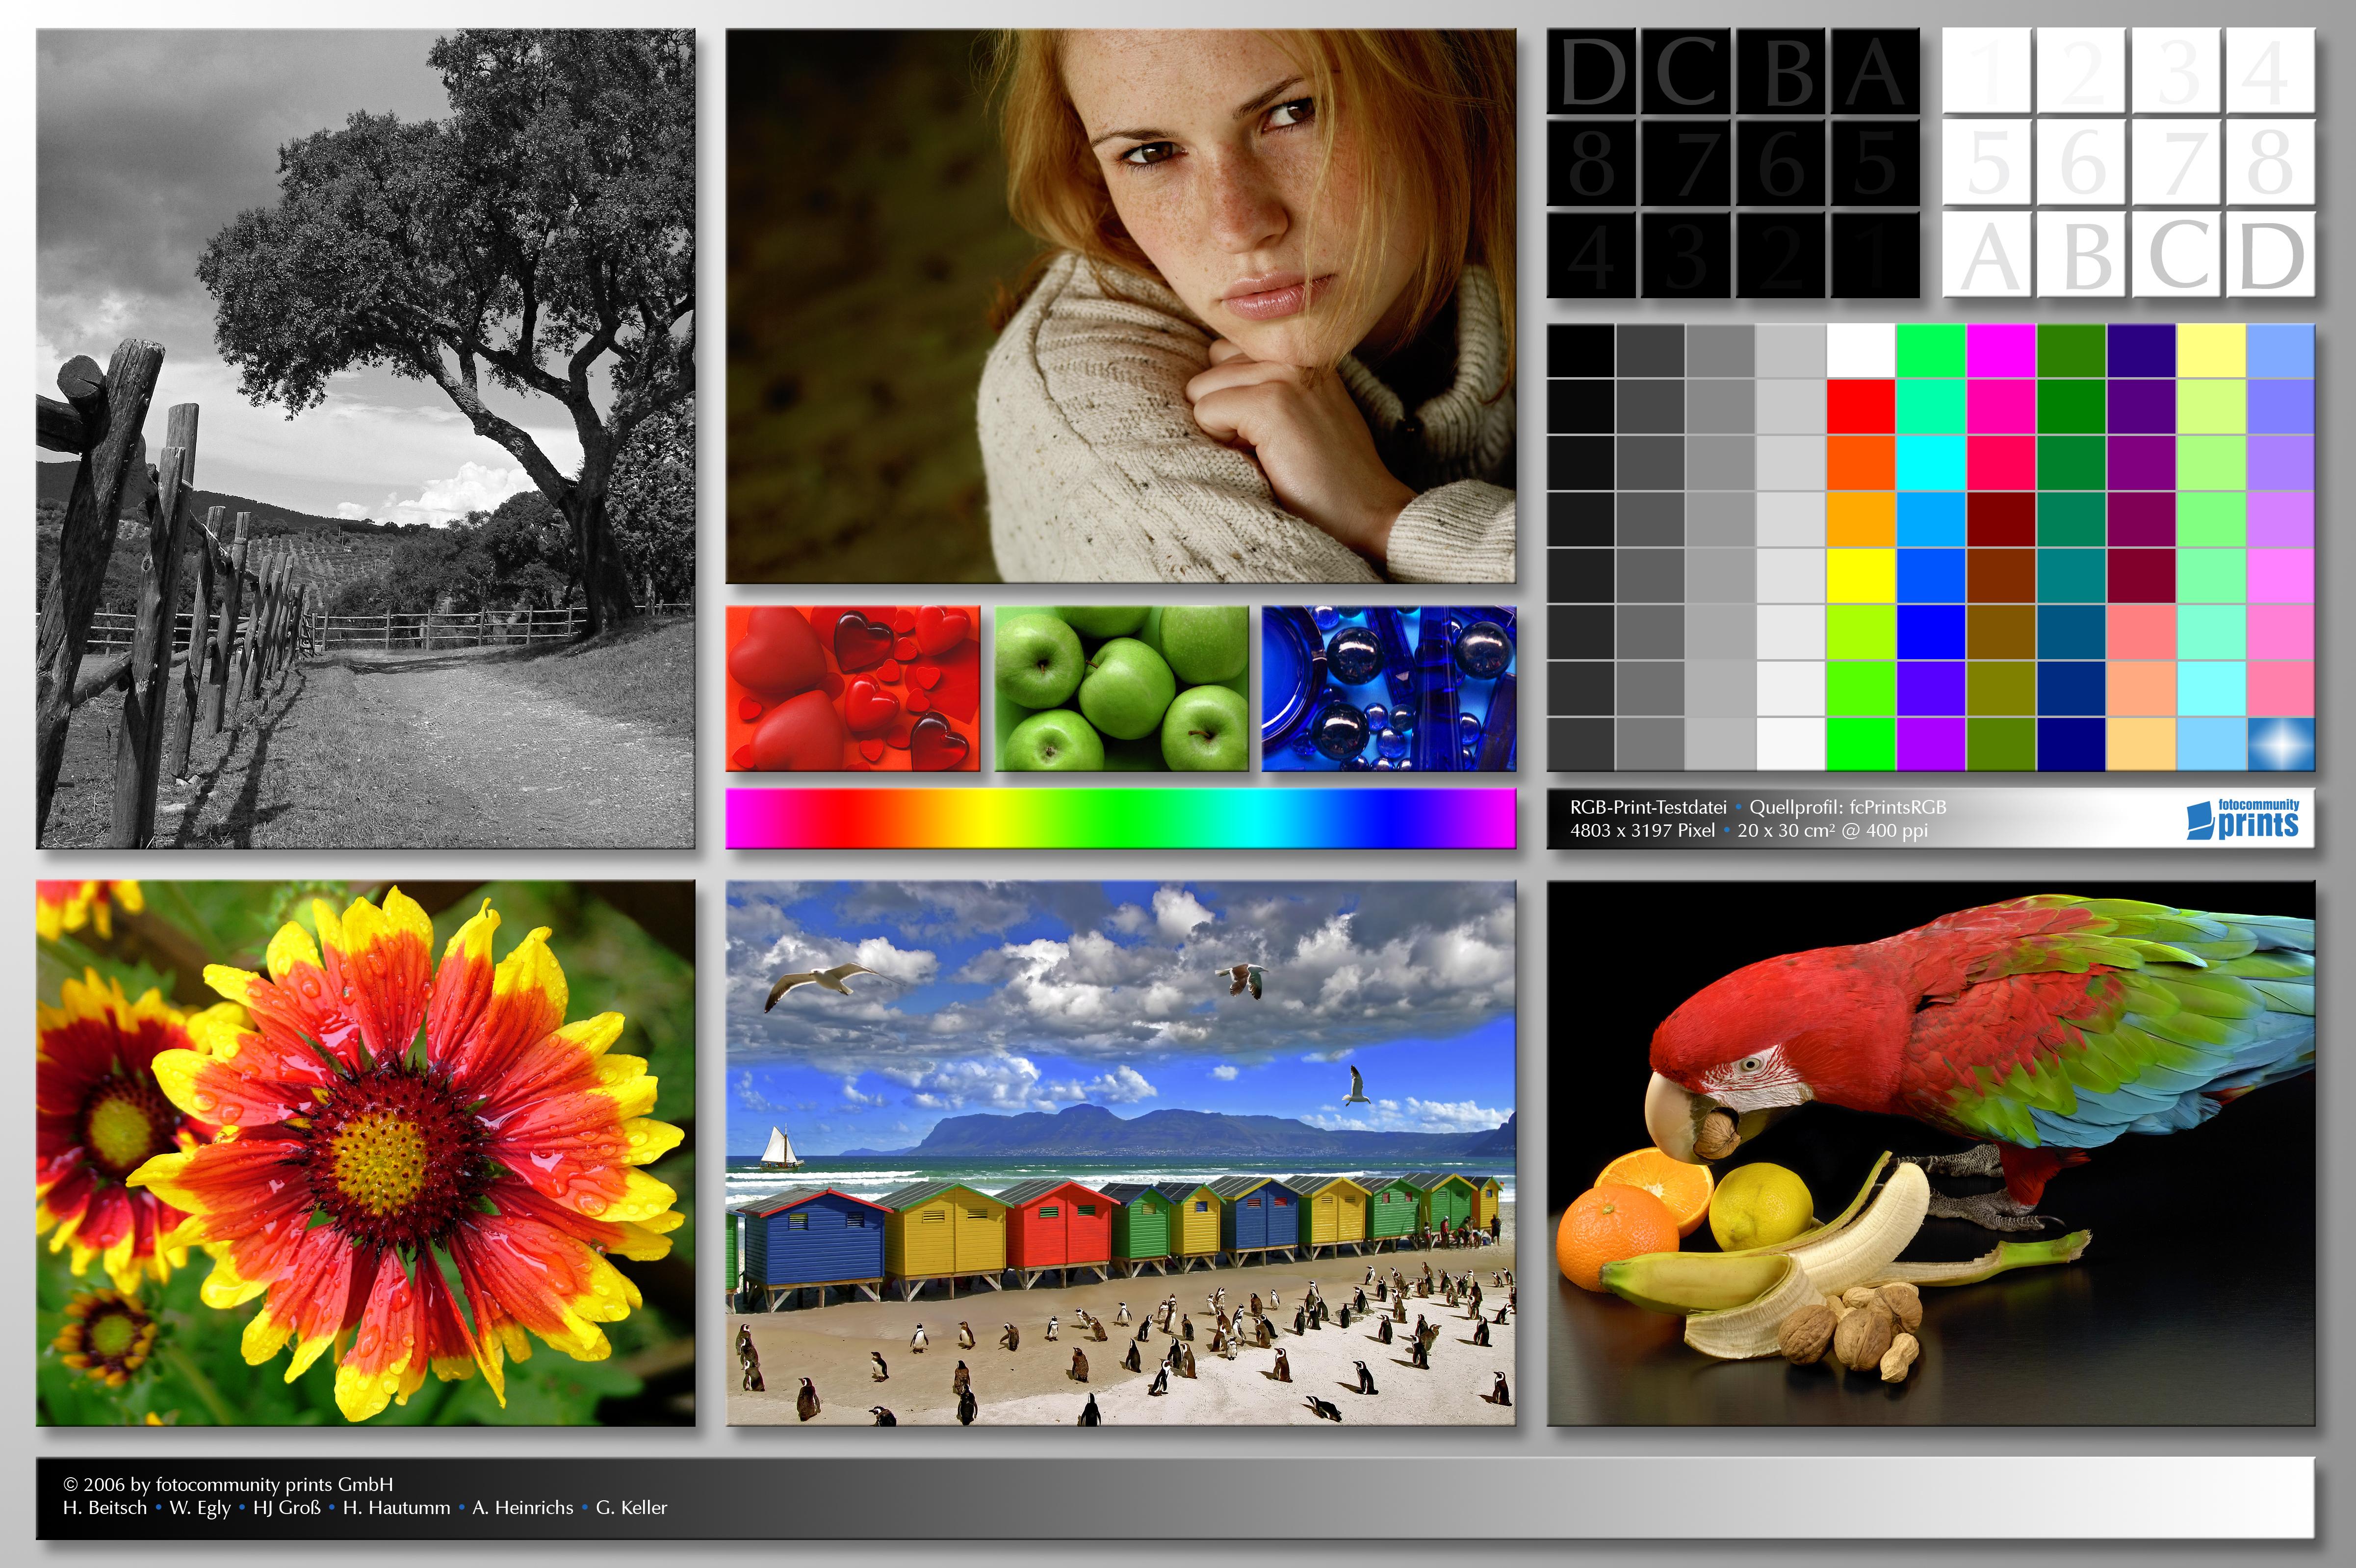 калибровка, монитор, принтер, проверка, цвет, качество